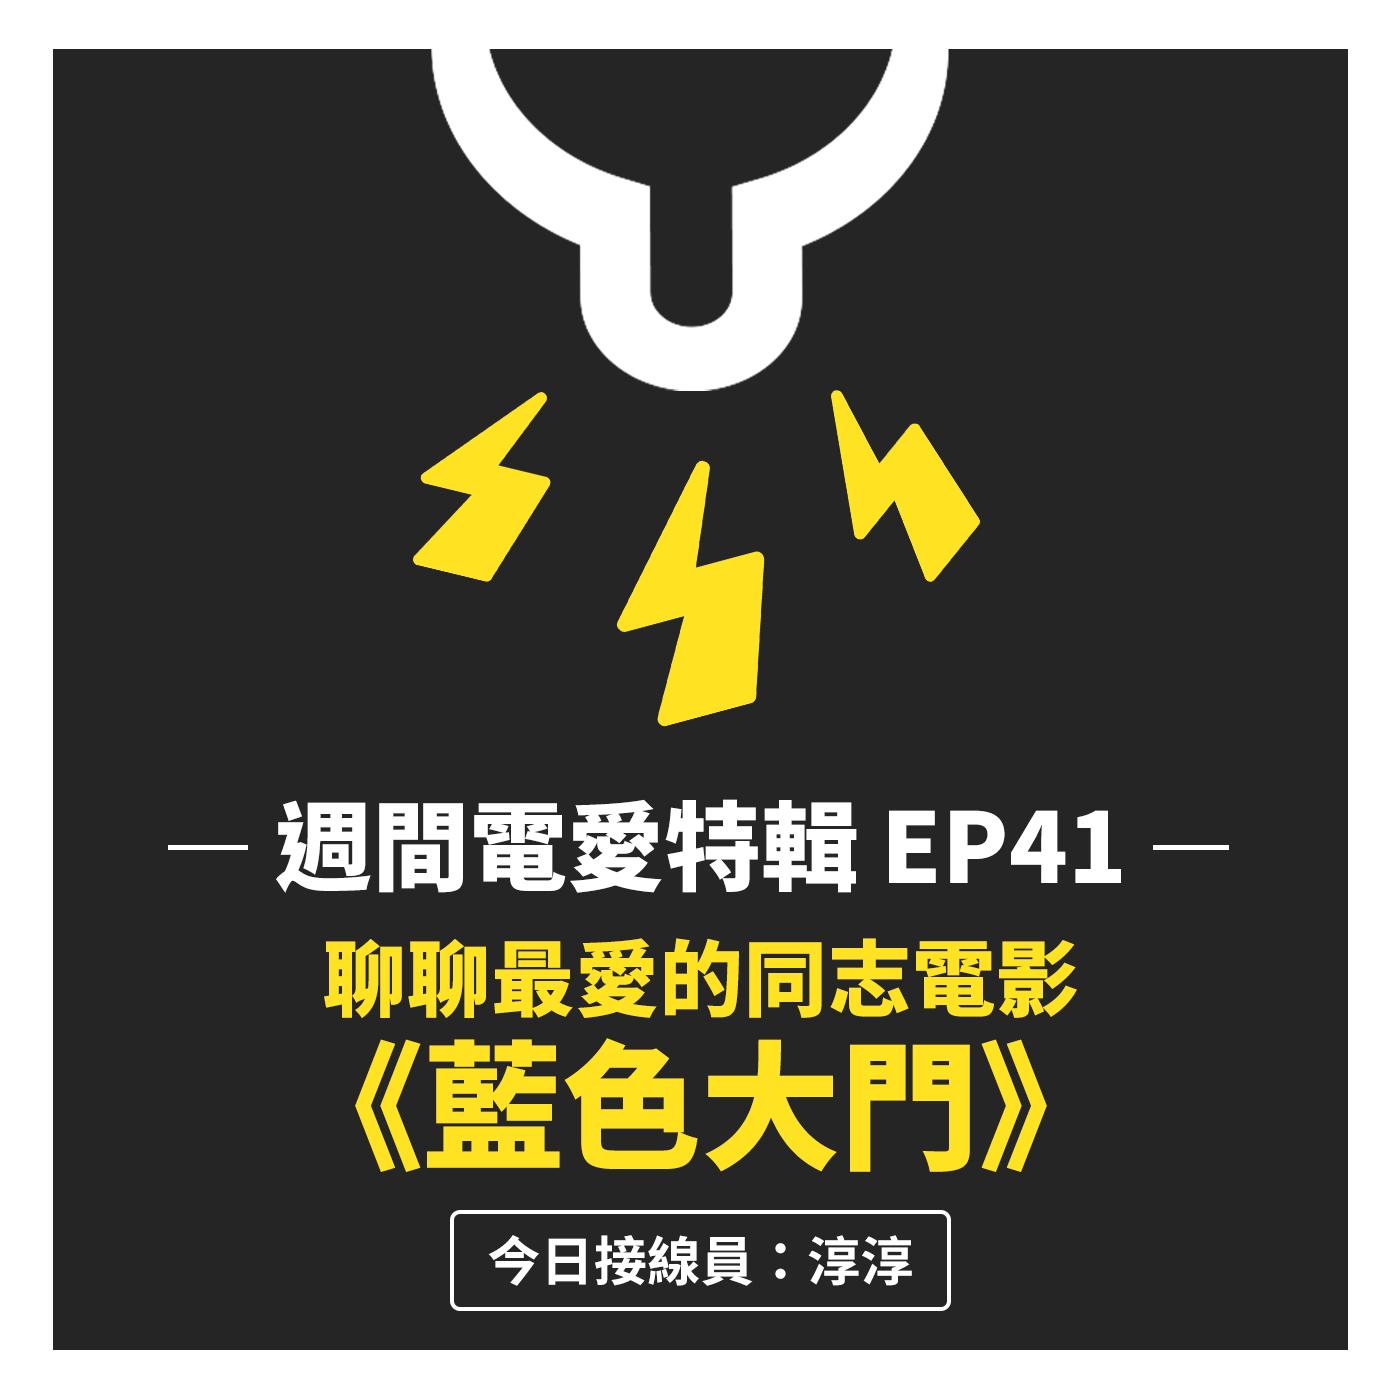 [週間電愛特輯] EP41 聊聊最愛的同志電影《藍色大門》